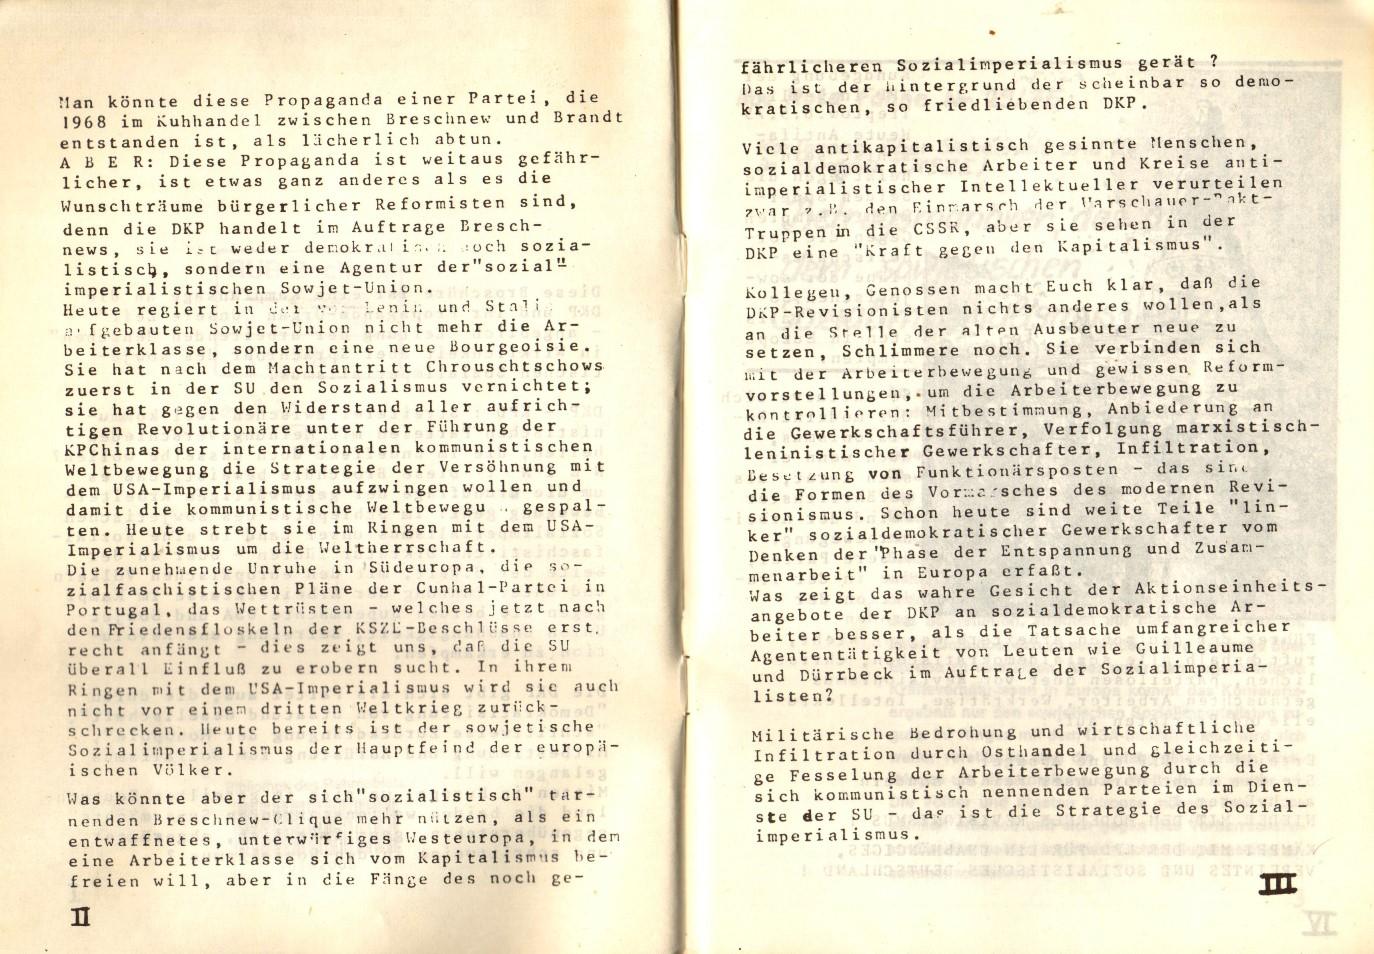 NRW_AO_1975_UZ_Sprachrohr_der_Kremlzaren_03